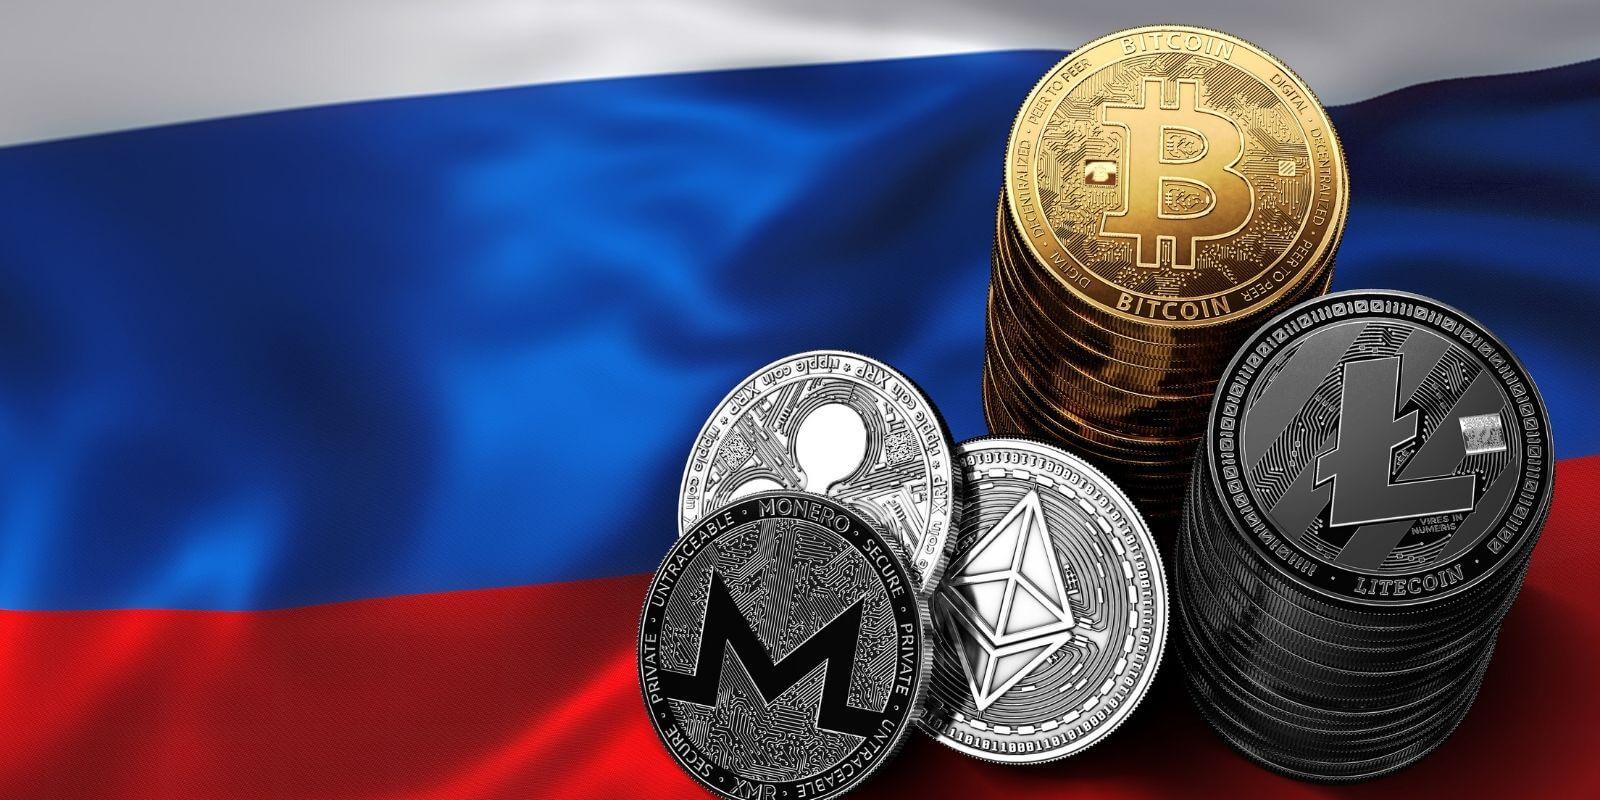 Russie : 3 ans de prison pour les investisseurs qui ne déclarent pas leurs cryptomonnaies